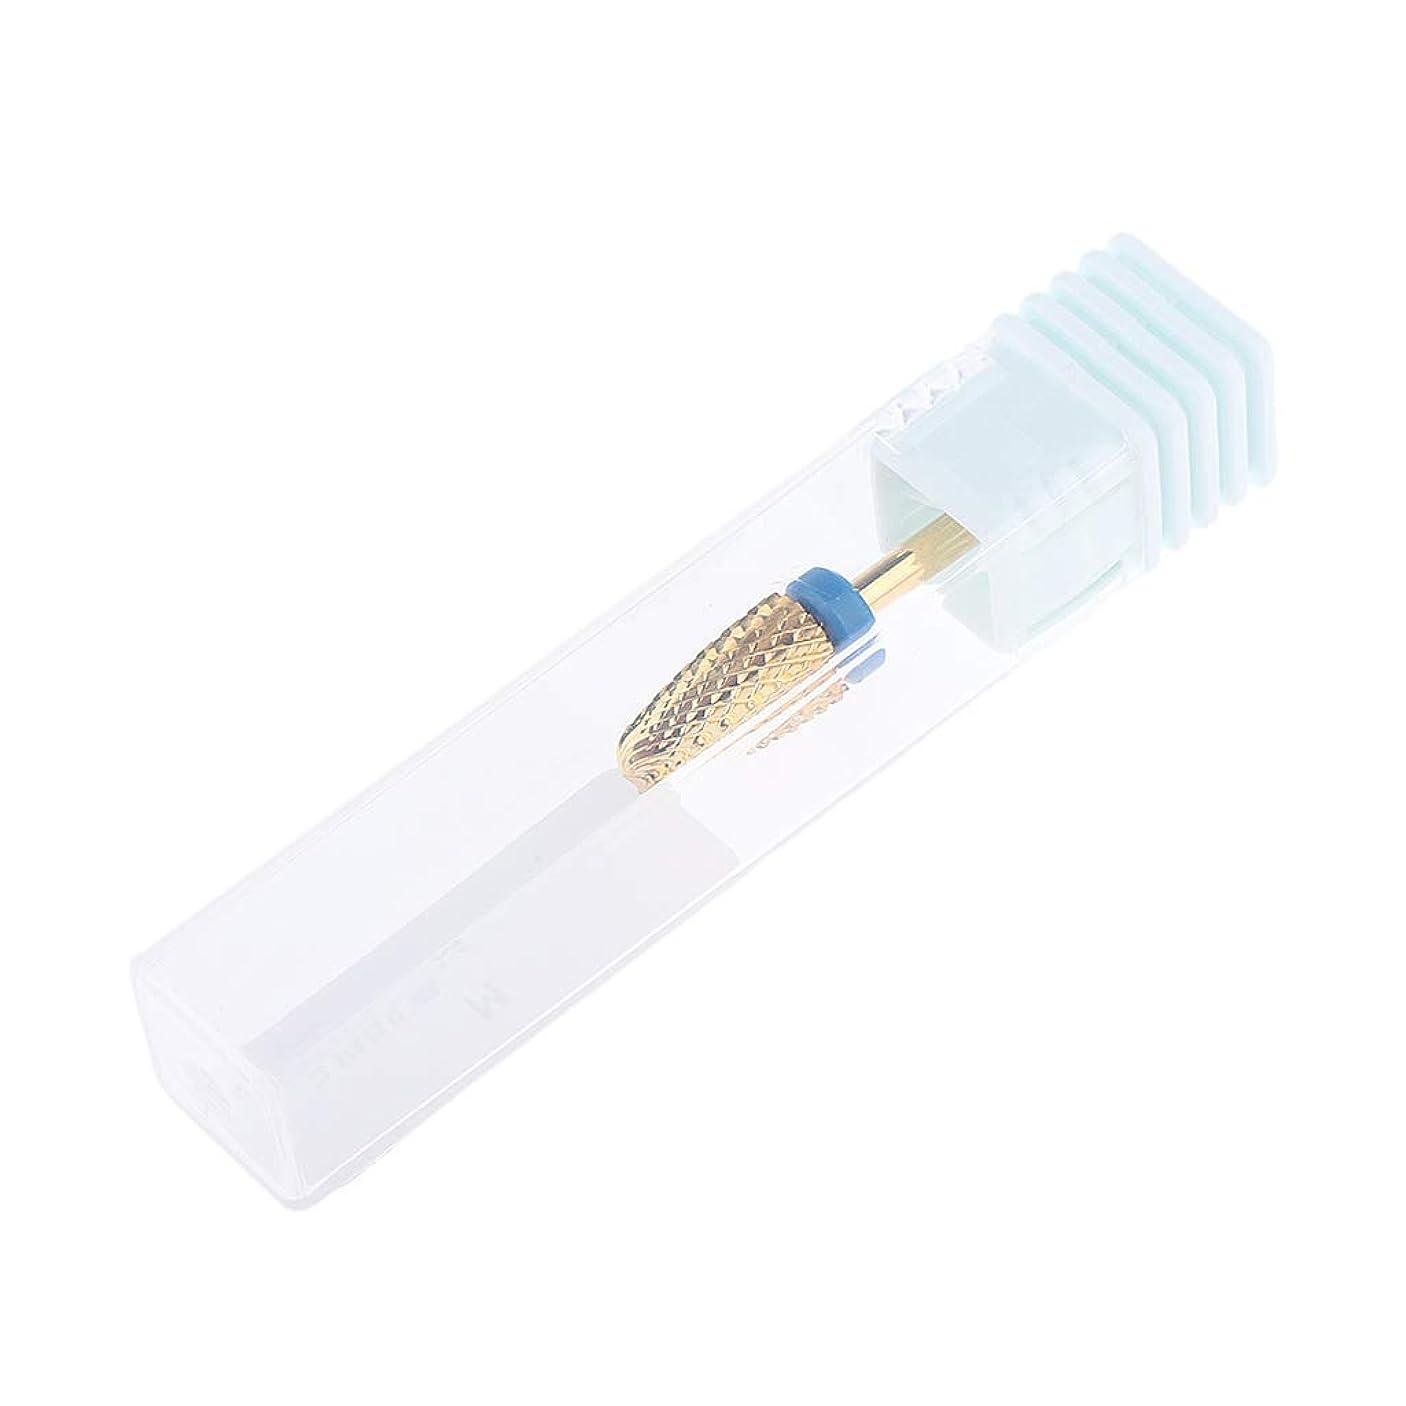 レビュアー保護重大F Fityle 3色 ネイルドリルビット 合金 ネイル ドリルビット ネイルチップ 研削ヘッド 3サイズ選べ - 青